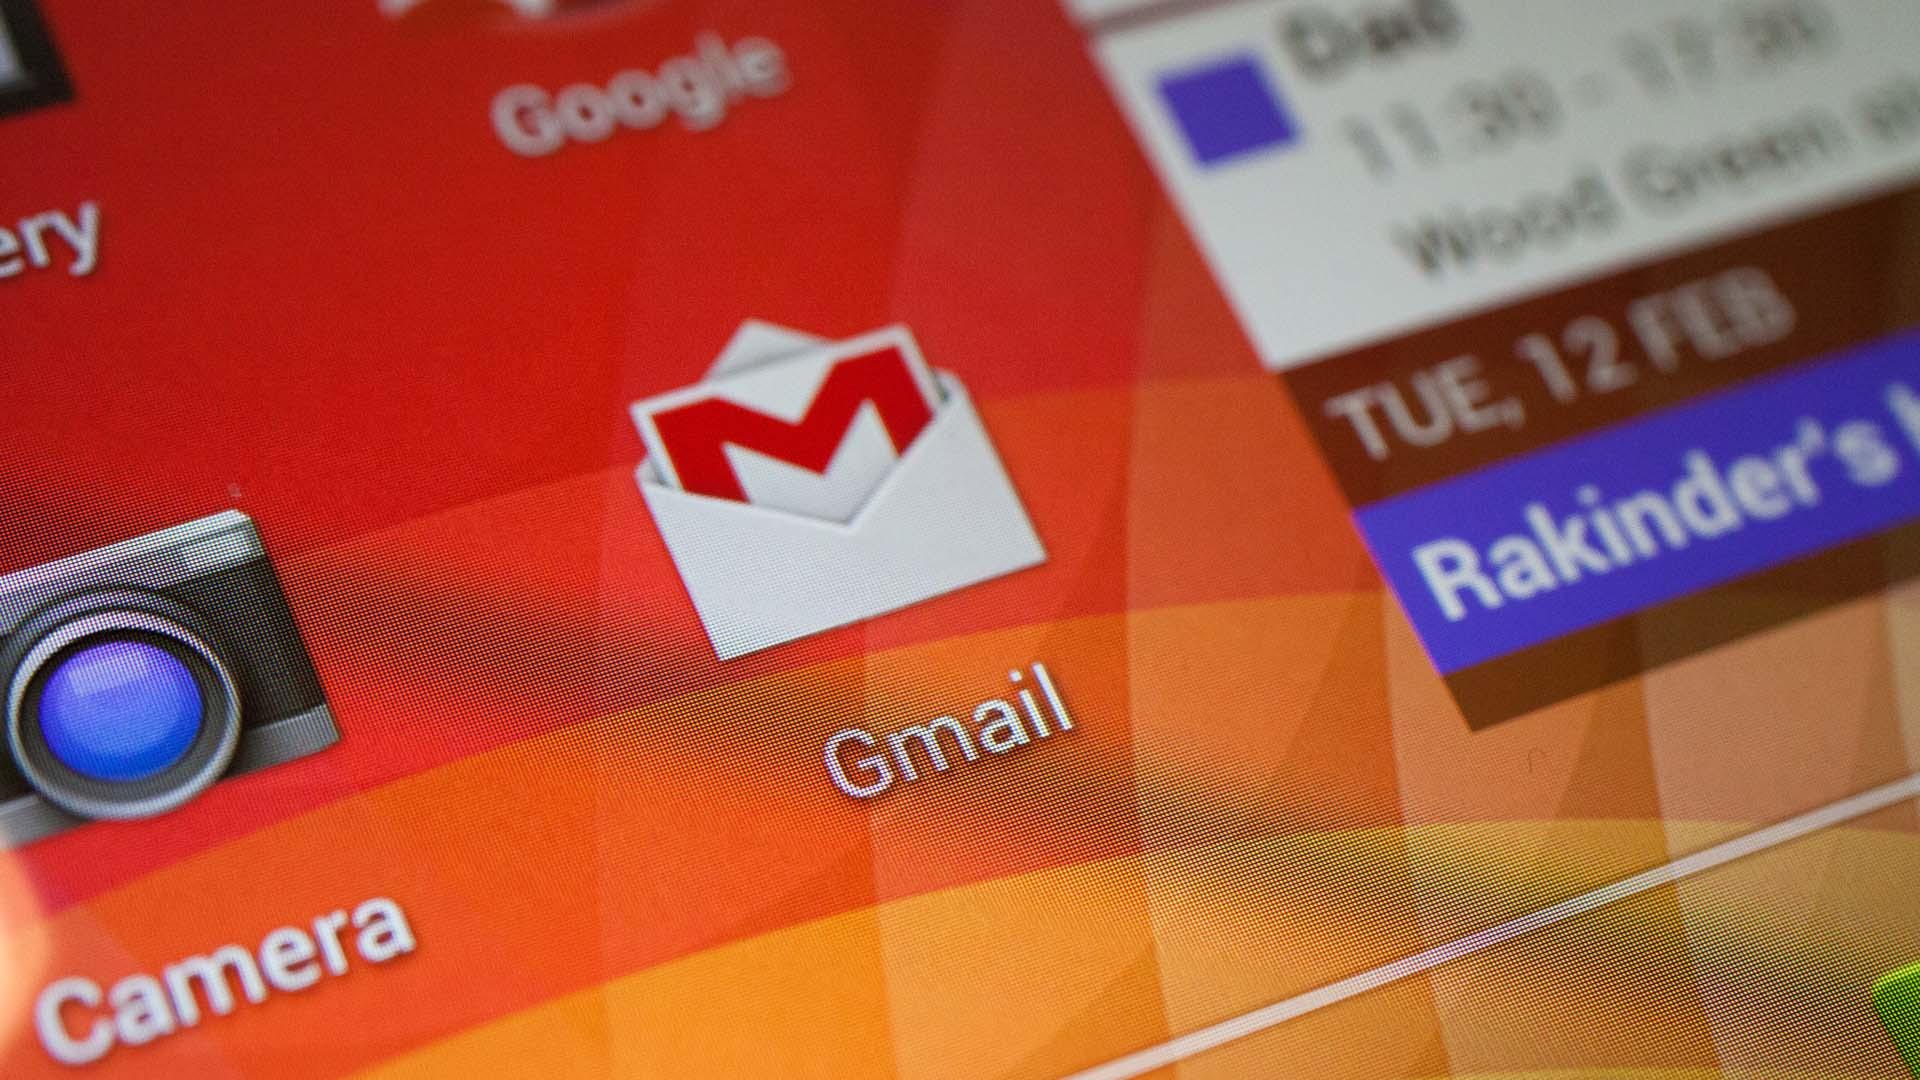 Des utilisateurs reçoivent des spams envoyés depuis leurs propres comptes [MAJ — Gmail